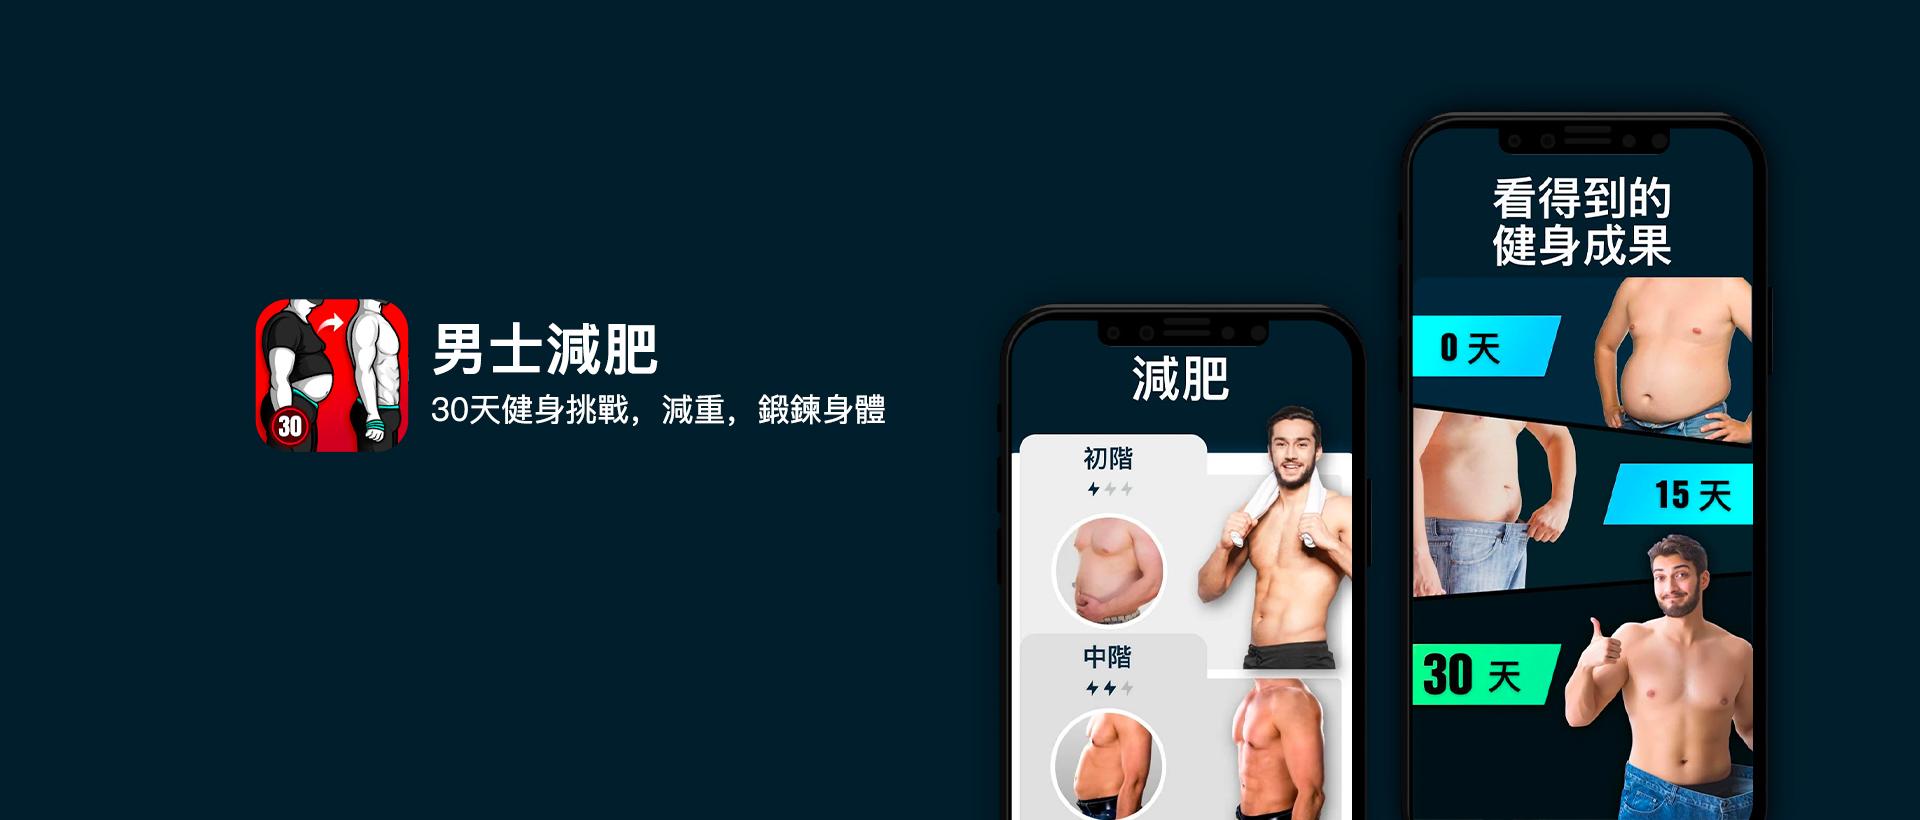 男士減肥:30天健身挑戰,減重,鍛鍊身體